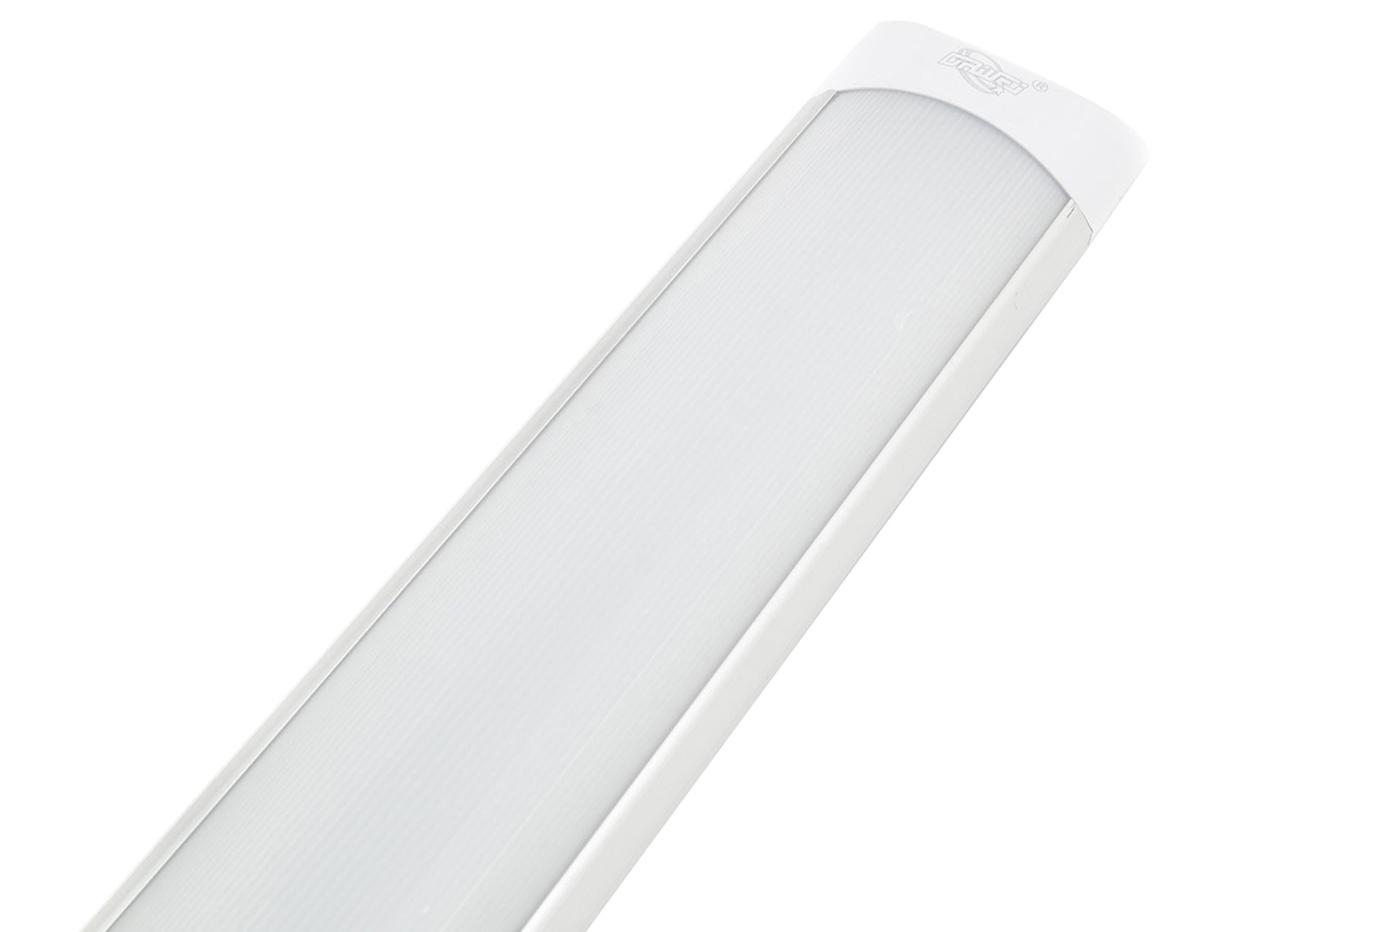 Plafoniera Con Tubo Led : Plafoniera con tubo led 150 cm t8 luce fredda 24 w attacco reglette